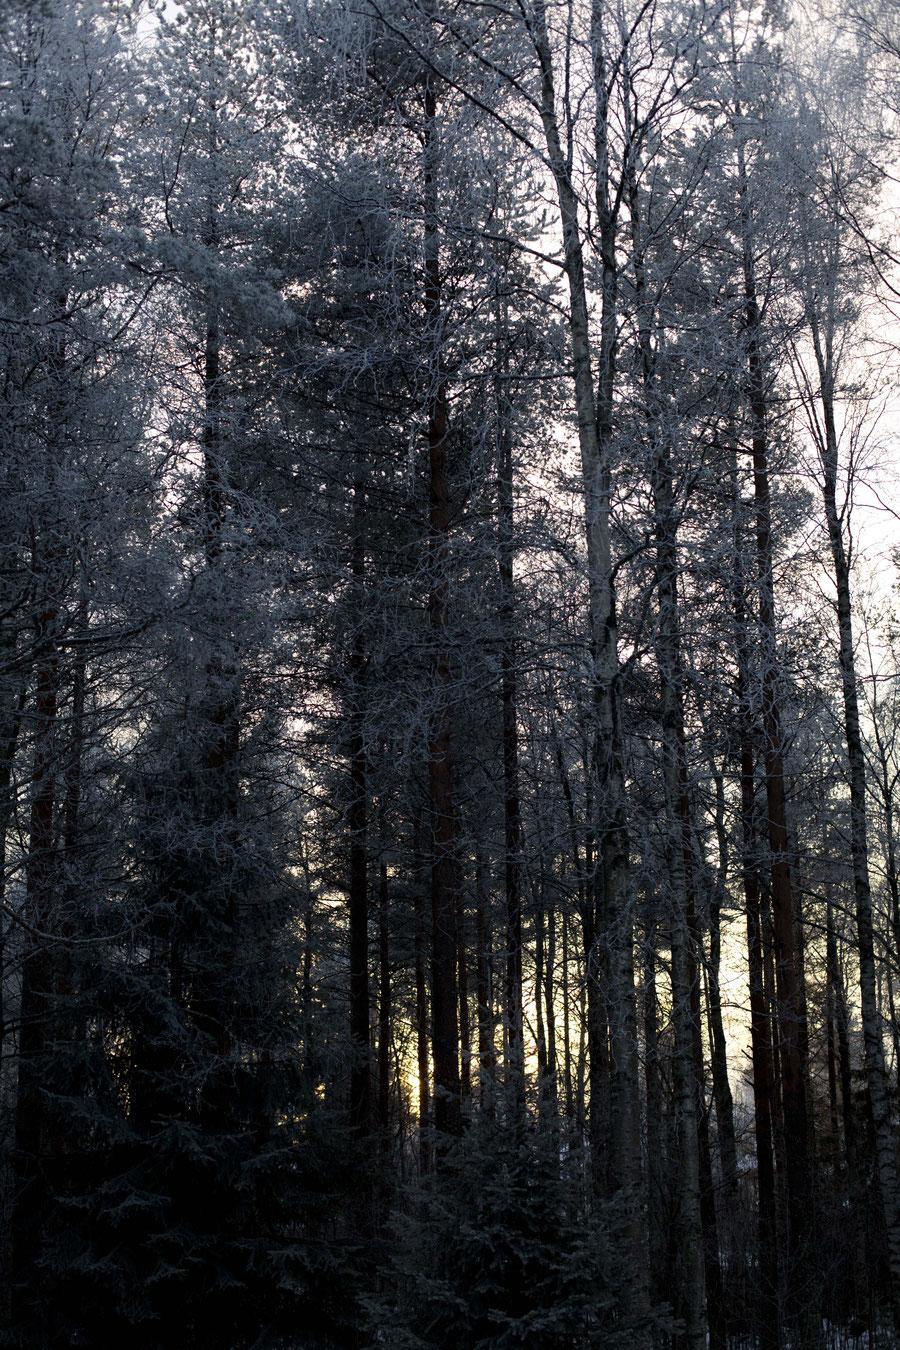 Gefrorene Baumkronen vor dem hell erleuchteten Himmel in Rovaniemi, Finnland